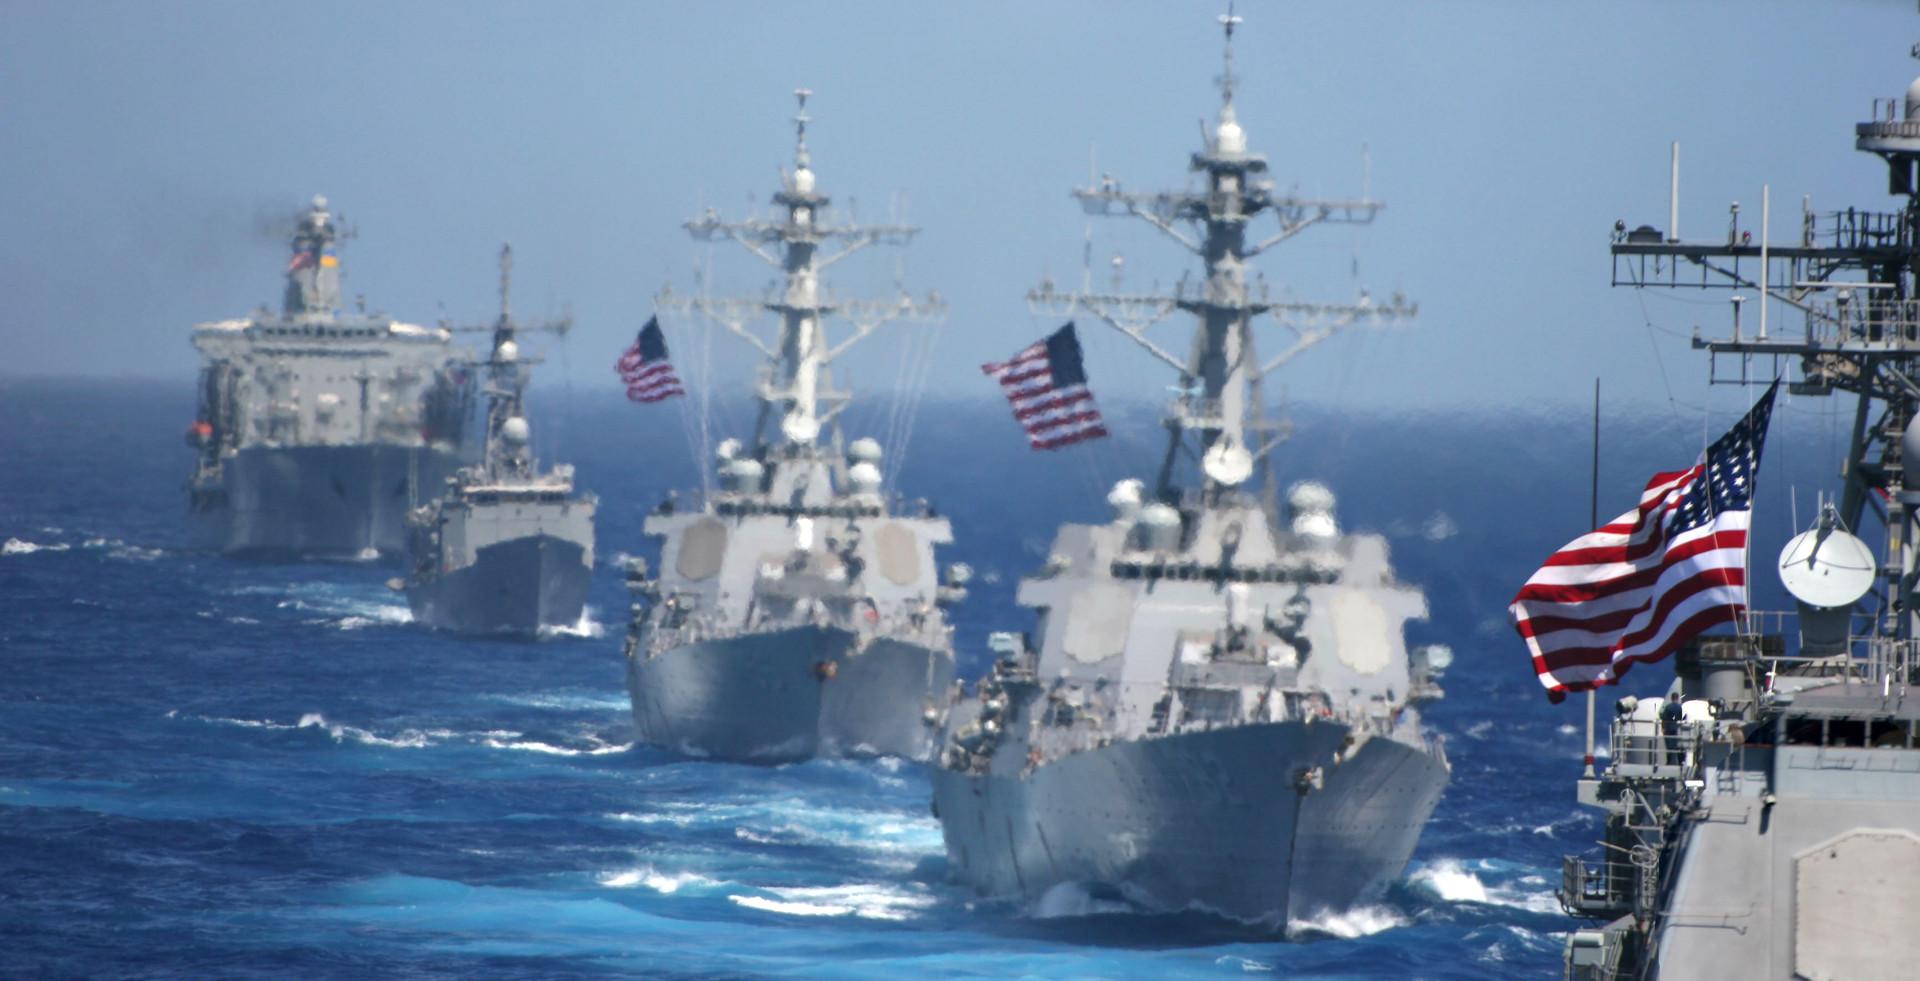 Skupina bojnih ladij, ki jih vodi letalonosilka Kitty Hawk, 2006